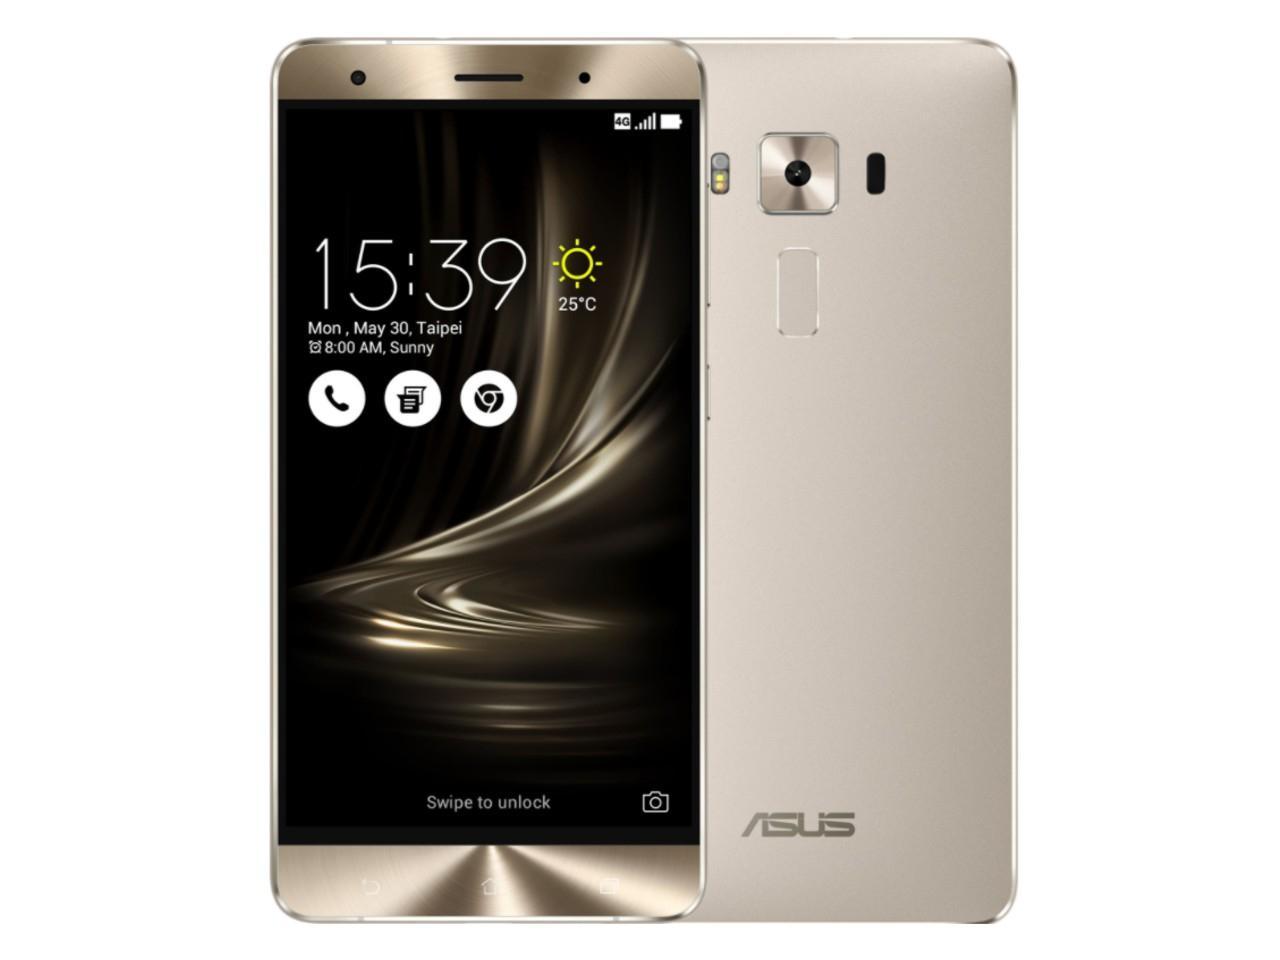 ASUS ZenFone 3 Deluxe (ZS570KL), 6GB/64GB, Dual SIM, stříbrný, CZ distribuce + 500 Kč na dárky nebo další nákup | CHAT on-line podpora PO-PÁ 8-22.00!!